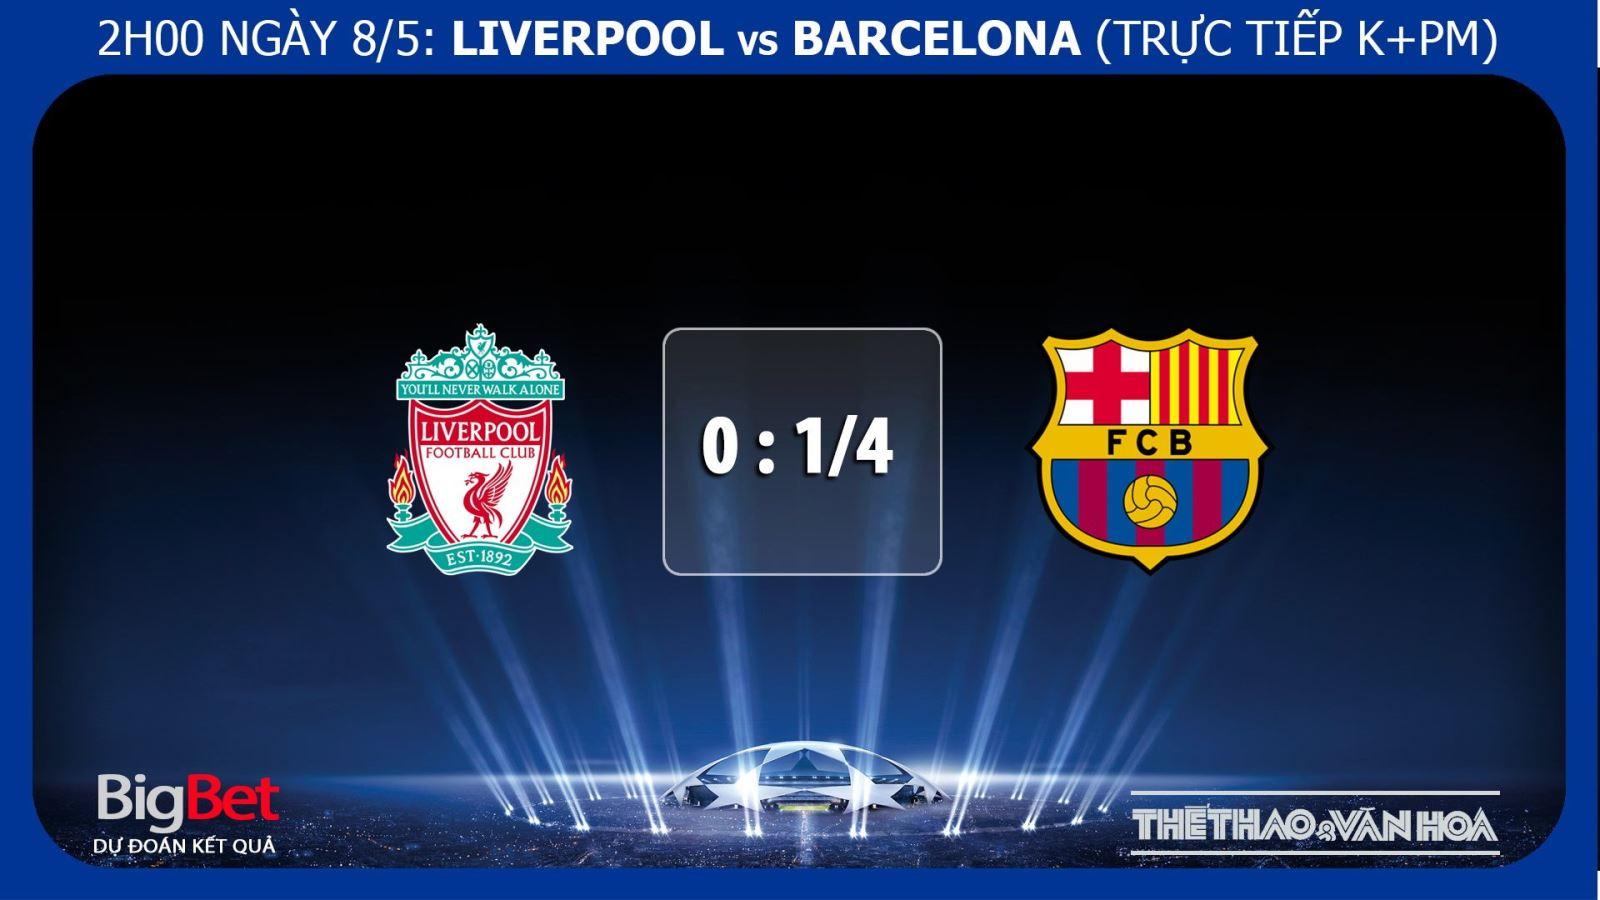 Liverpool vs Barcelona, Liverpool vs barca, soi kèo Liverpool vs Barca, kèo bóng đá, truc tiep bong da, trực tiếp bóng đá, lịch thi đấu C1, cúp c1, Barcelona, Liverpool